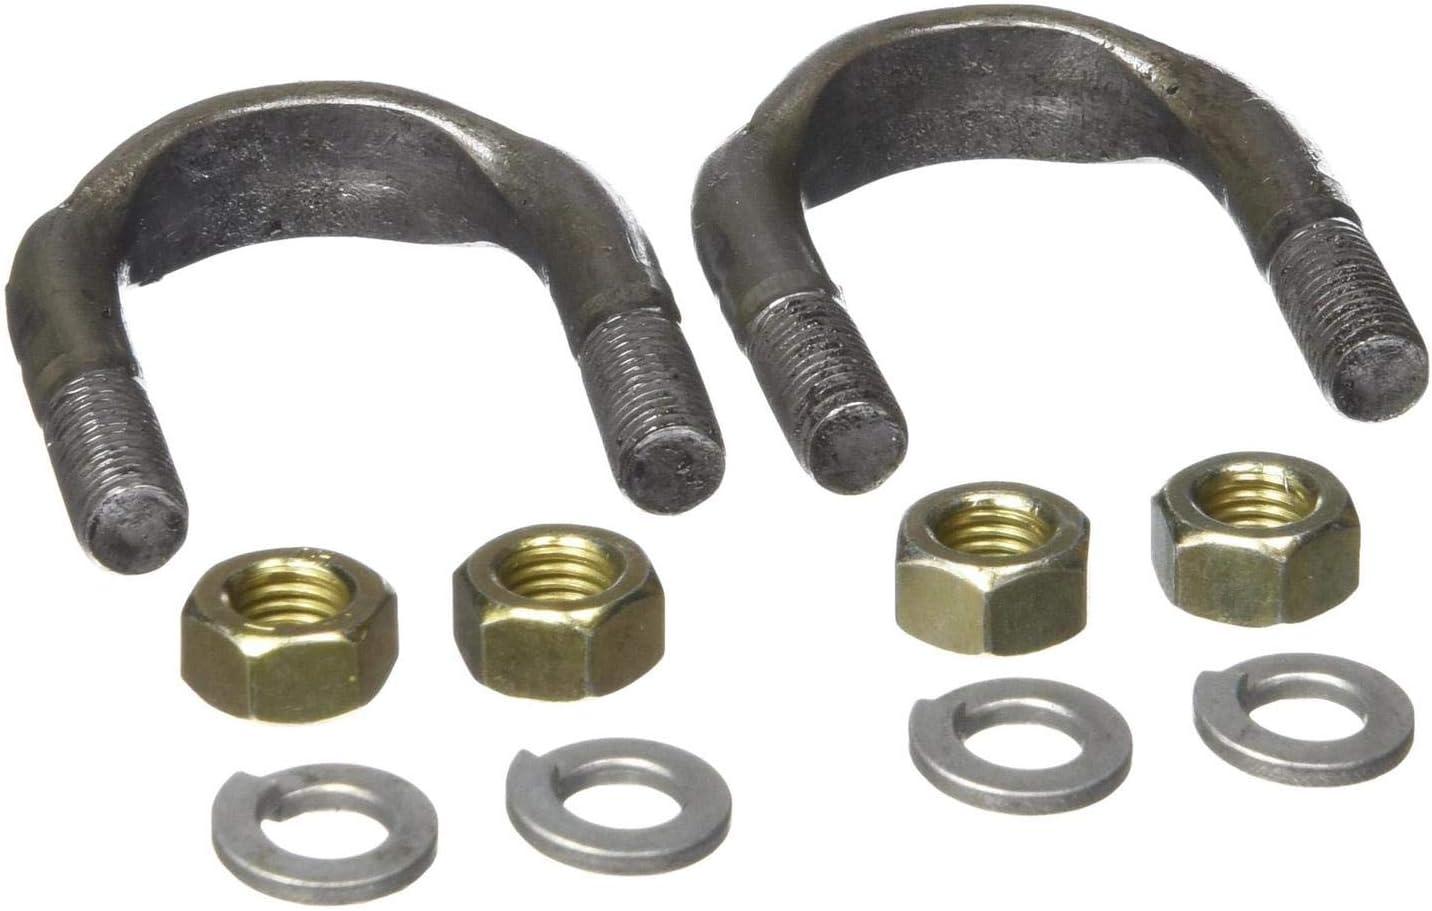 Spicer 2-94-58X U-Bolt Kit